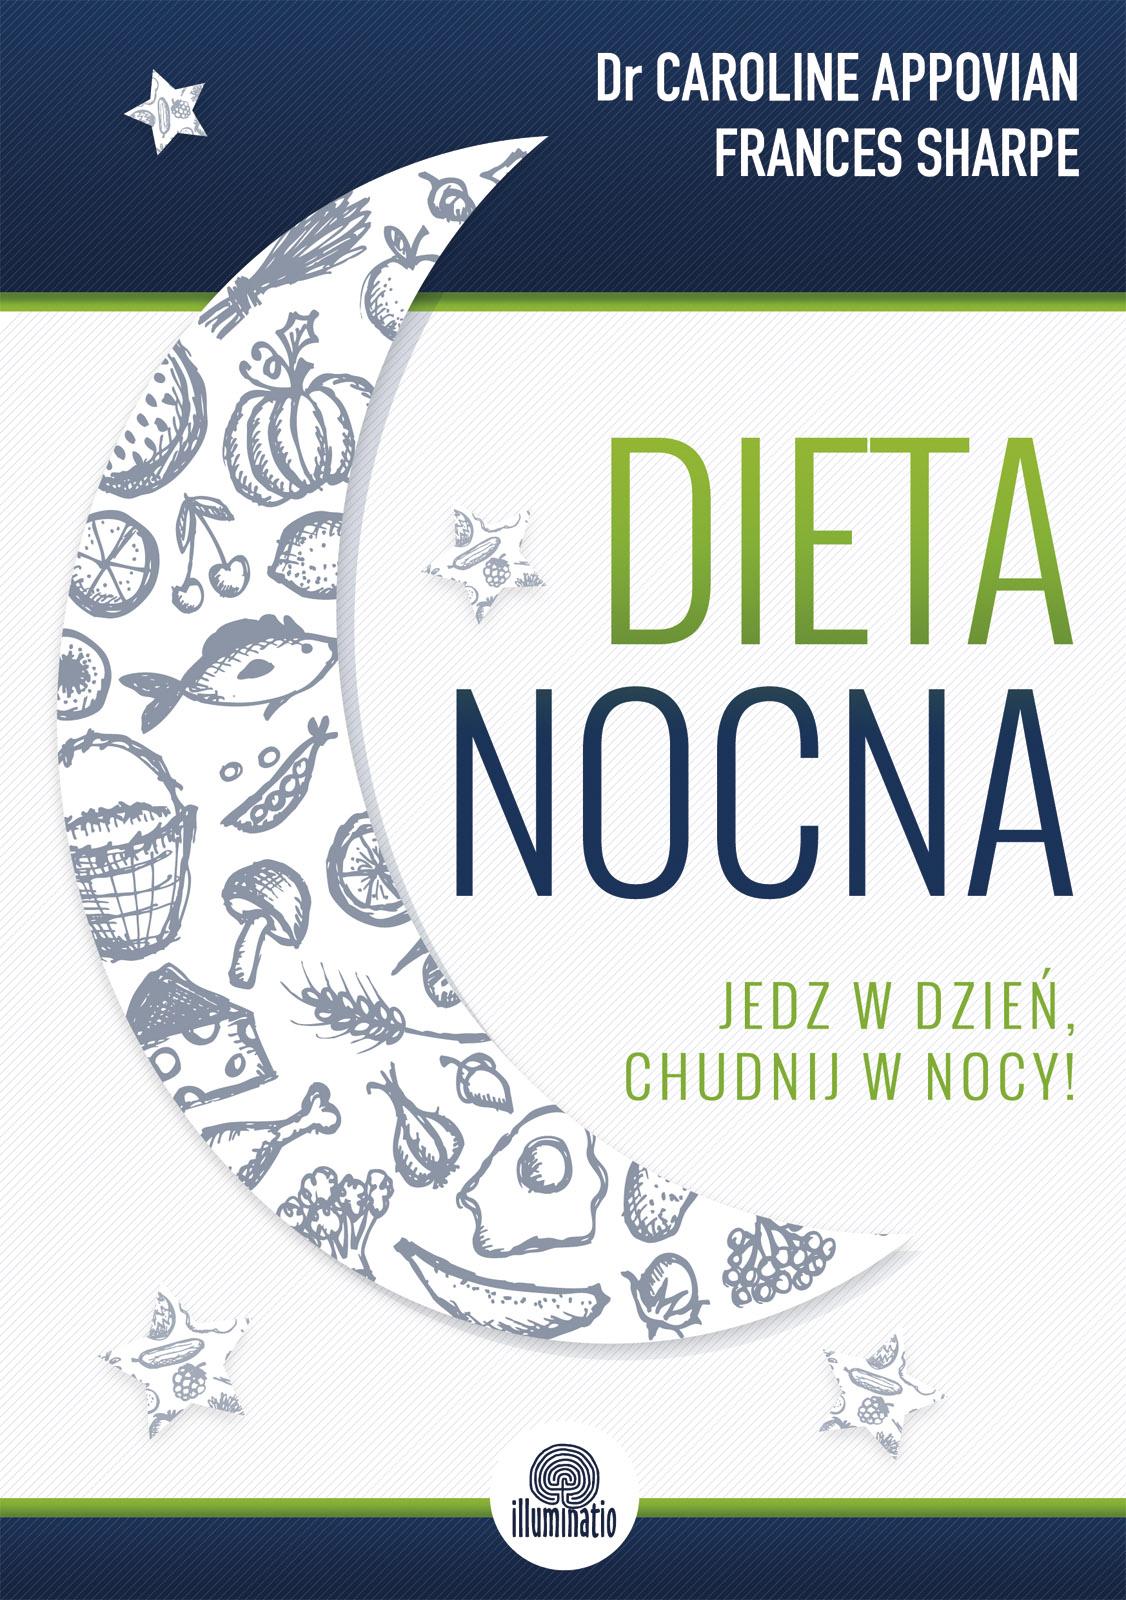 dr Caroline Apovian & Frances Sharpe - Dieta nocna